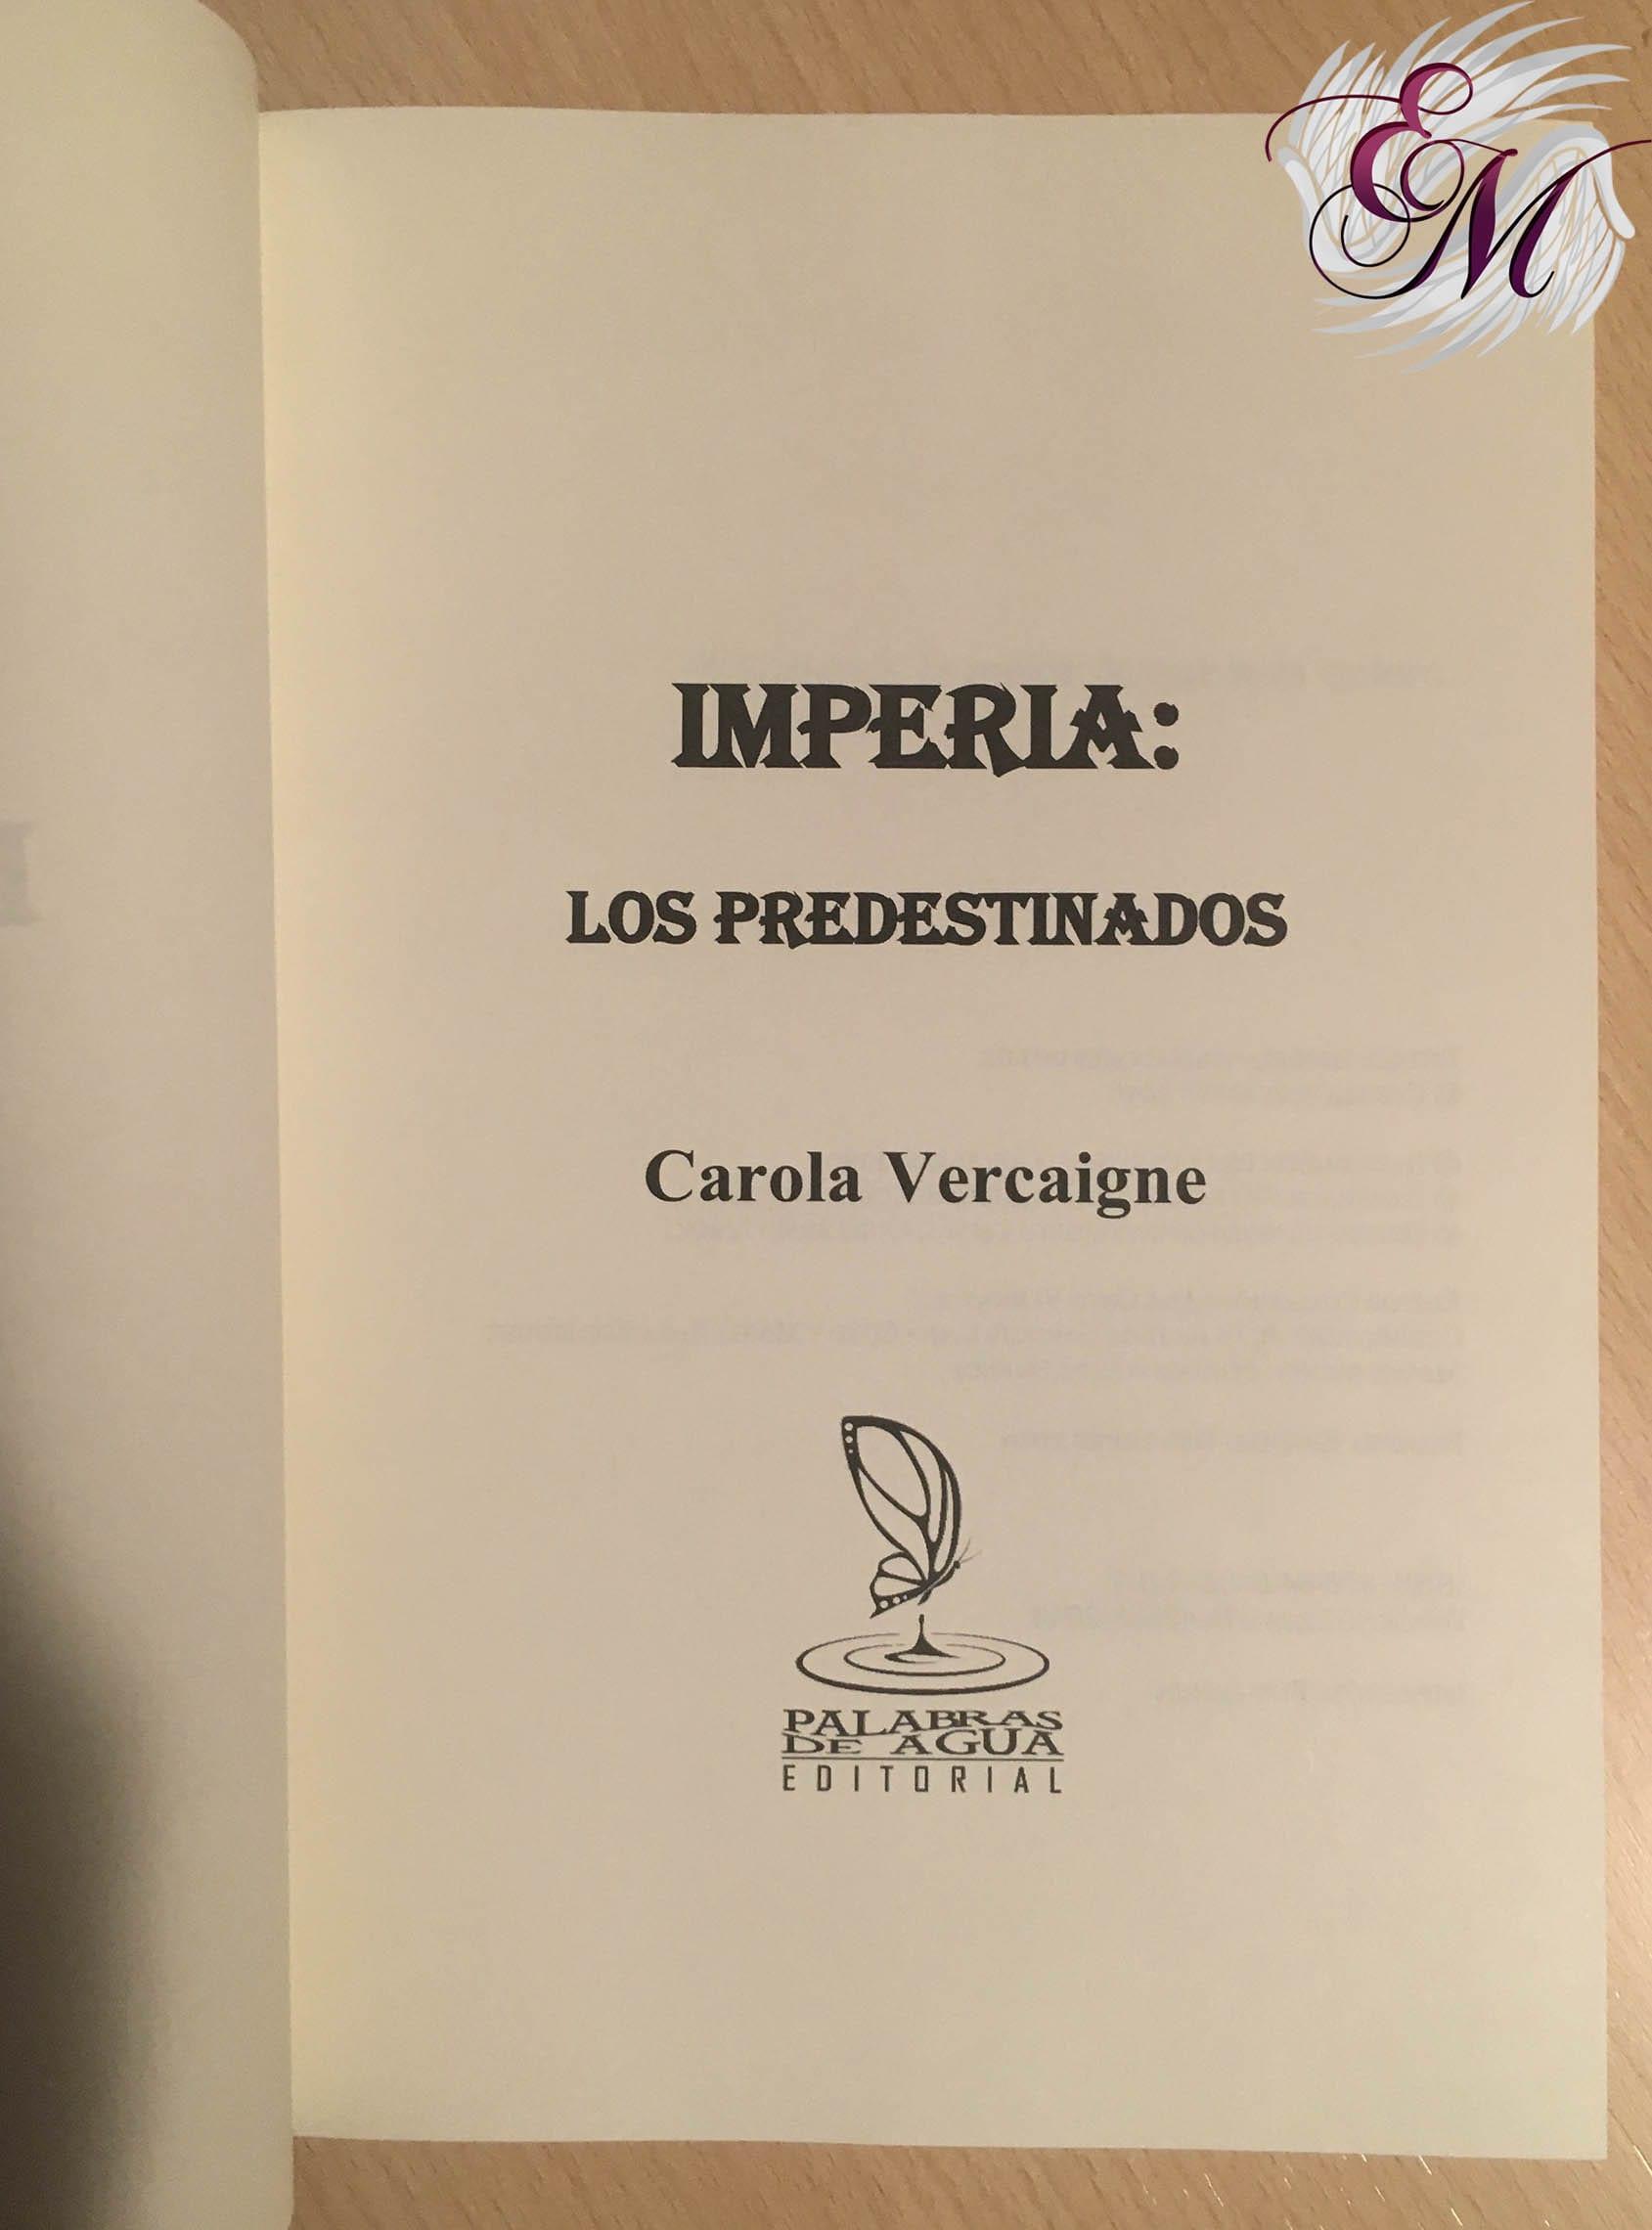 Imperia: Los predestinados, de Carola Vercaigne - Reseña